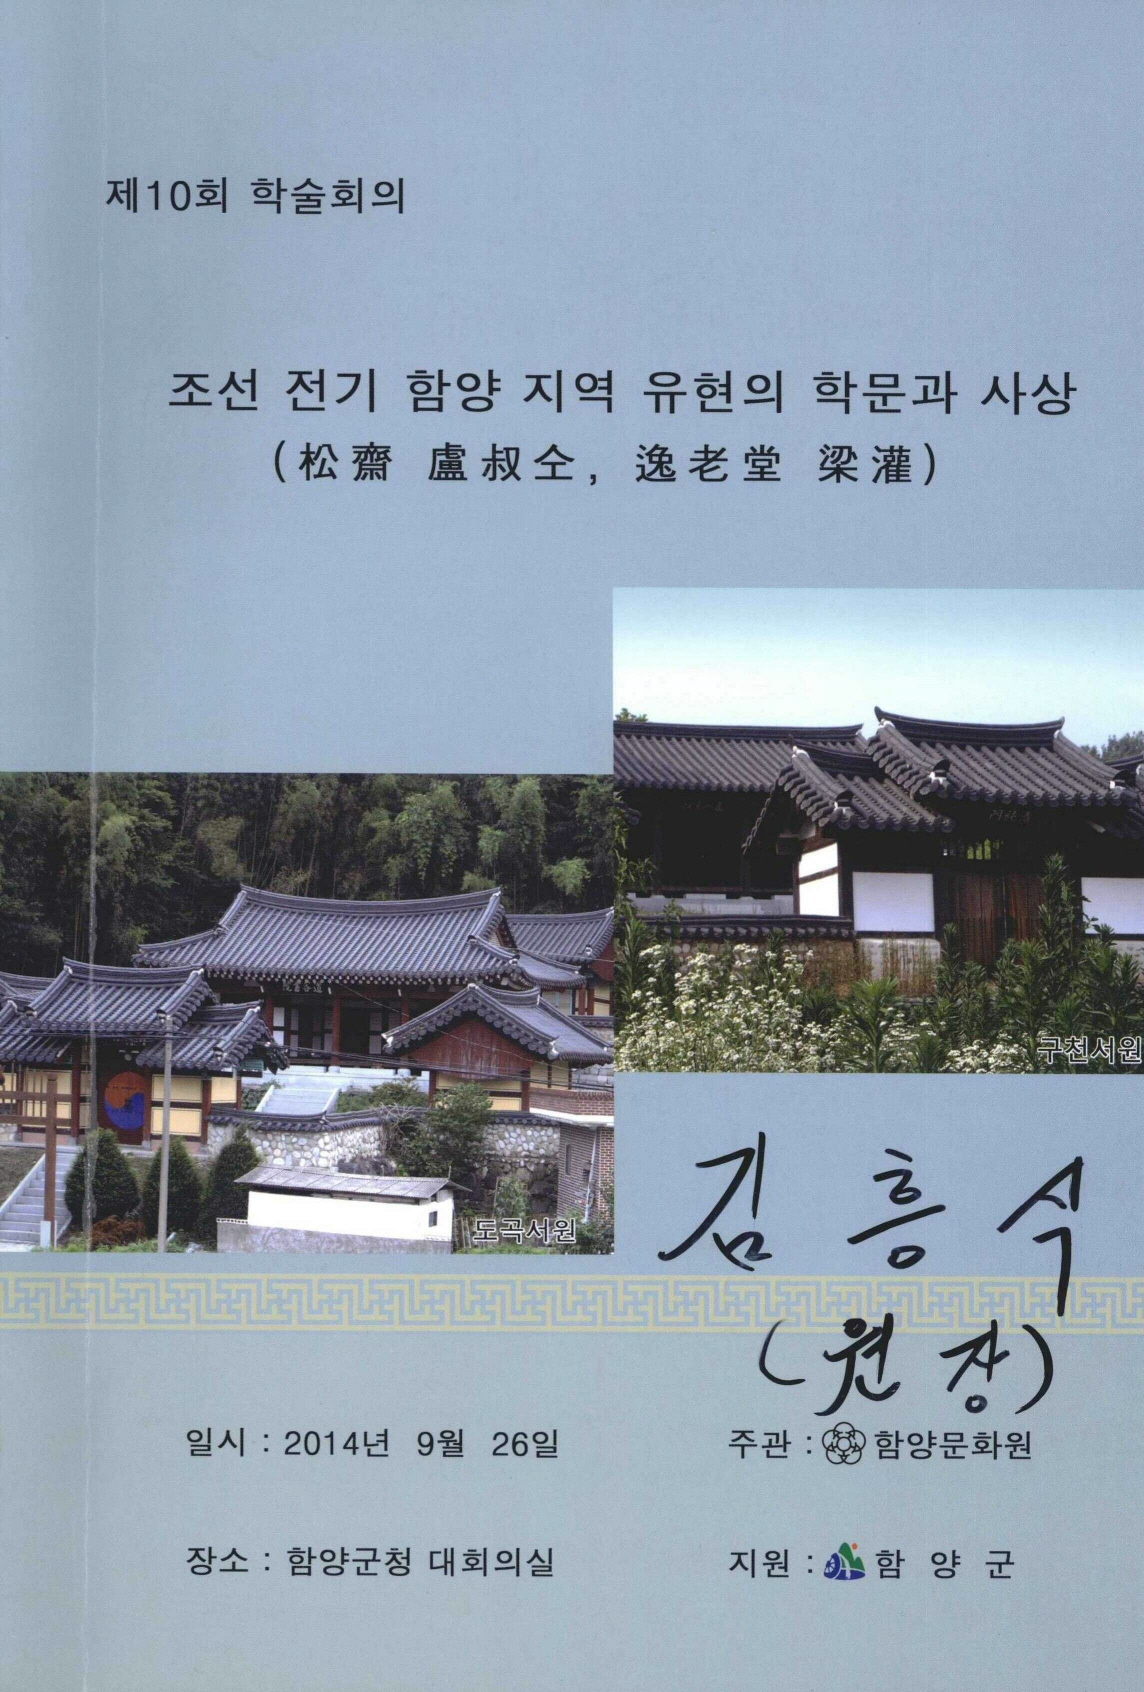 (제10회 학술회의) 조선 전기 함양 지역 유현의 학문과 사상